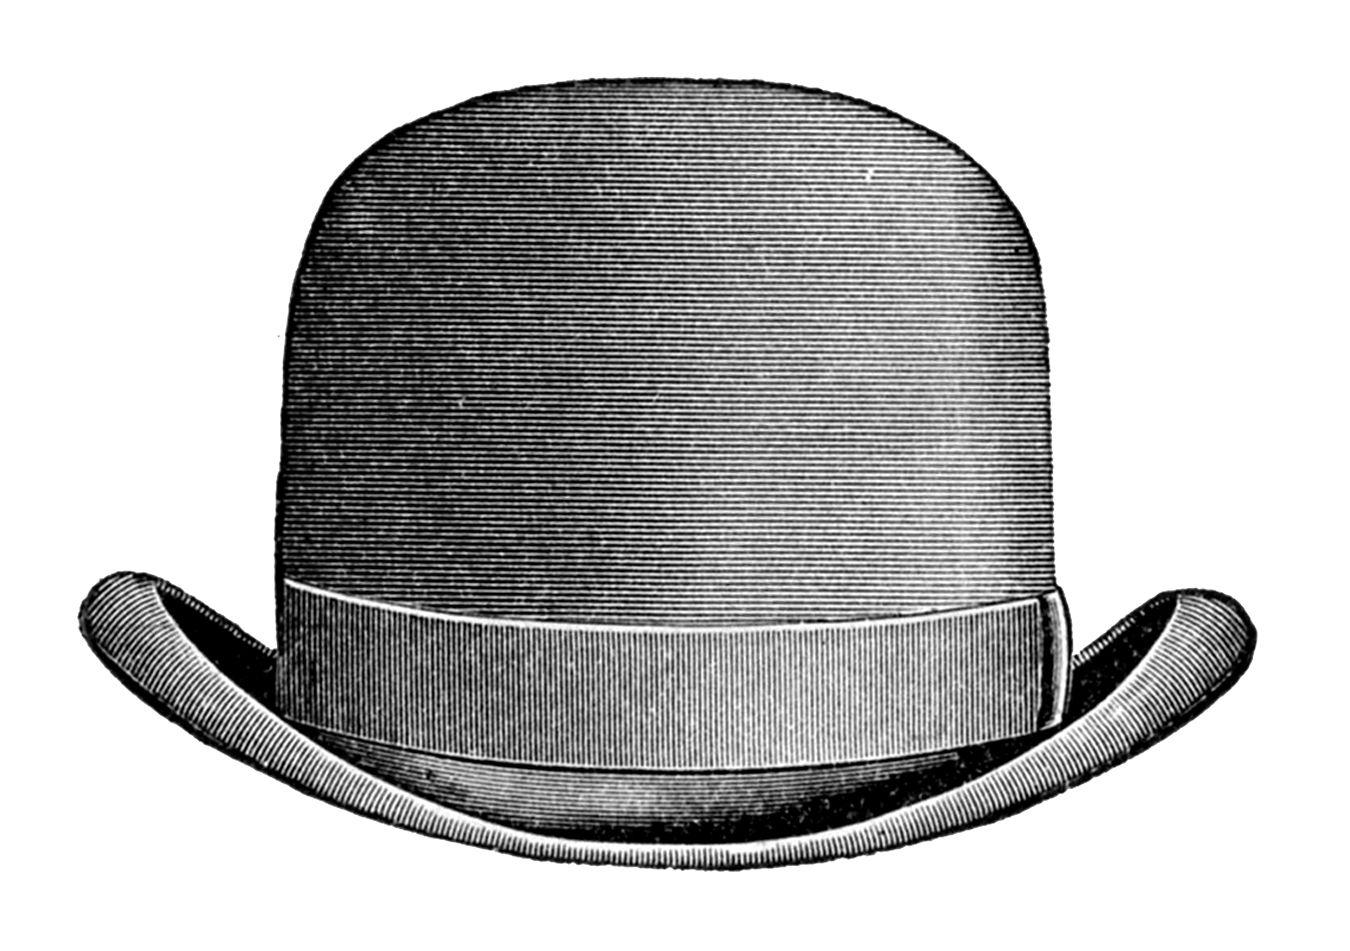 0059ee56165398 1930s men's hat styles. vintage clip art - men's hats